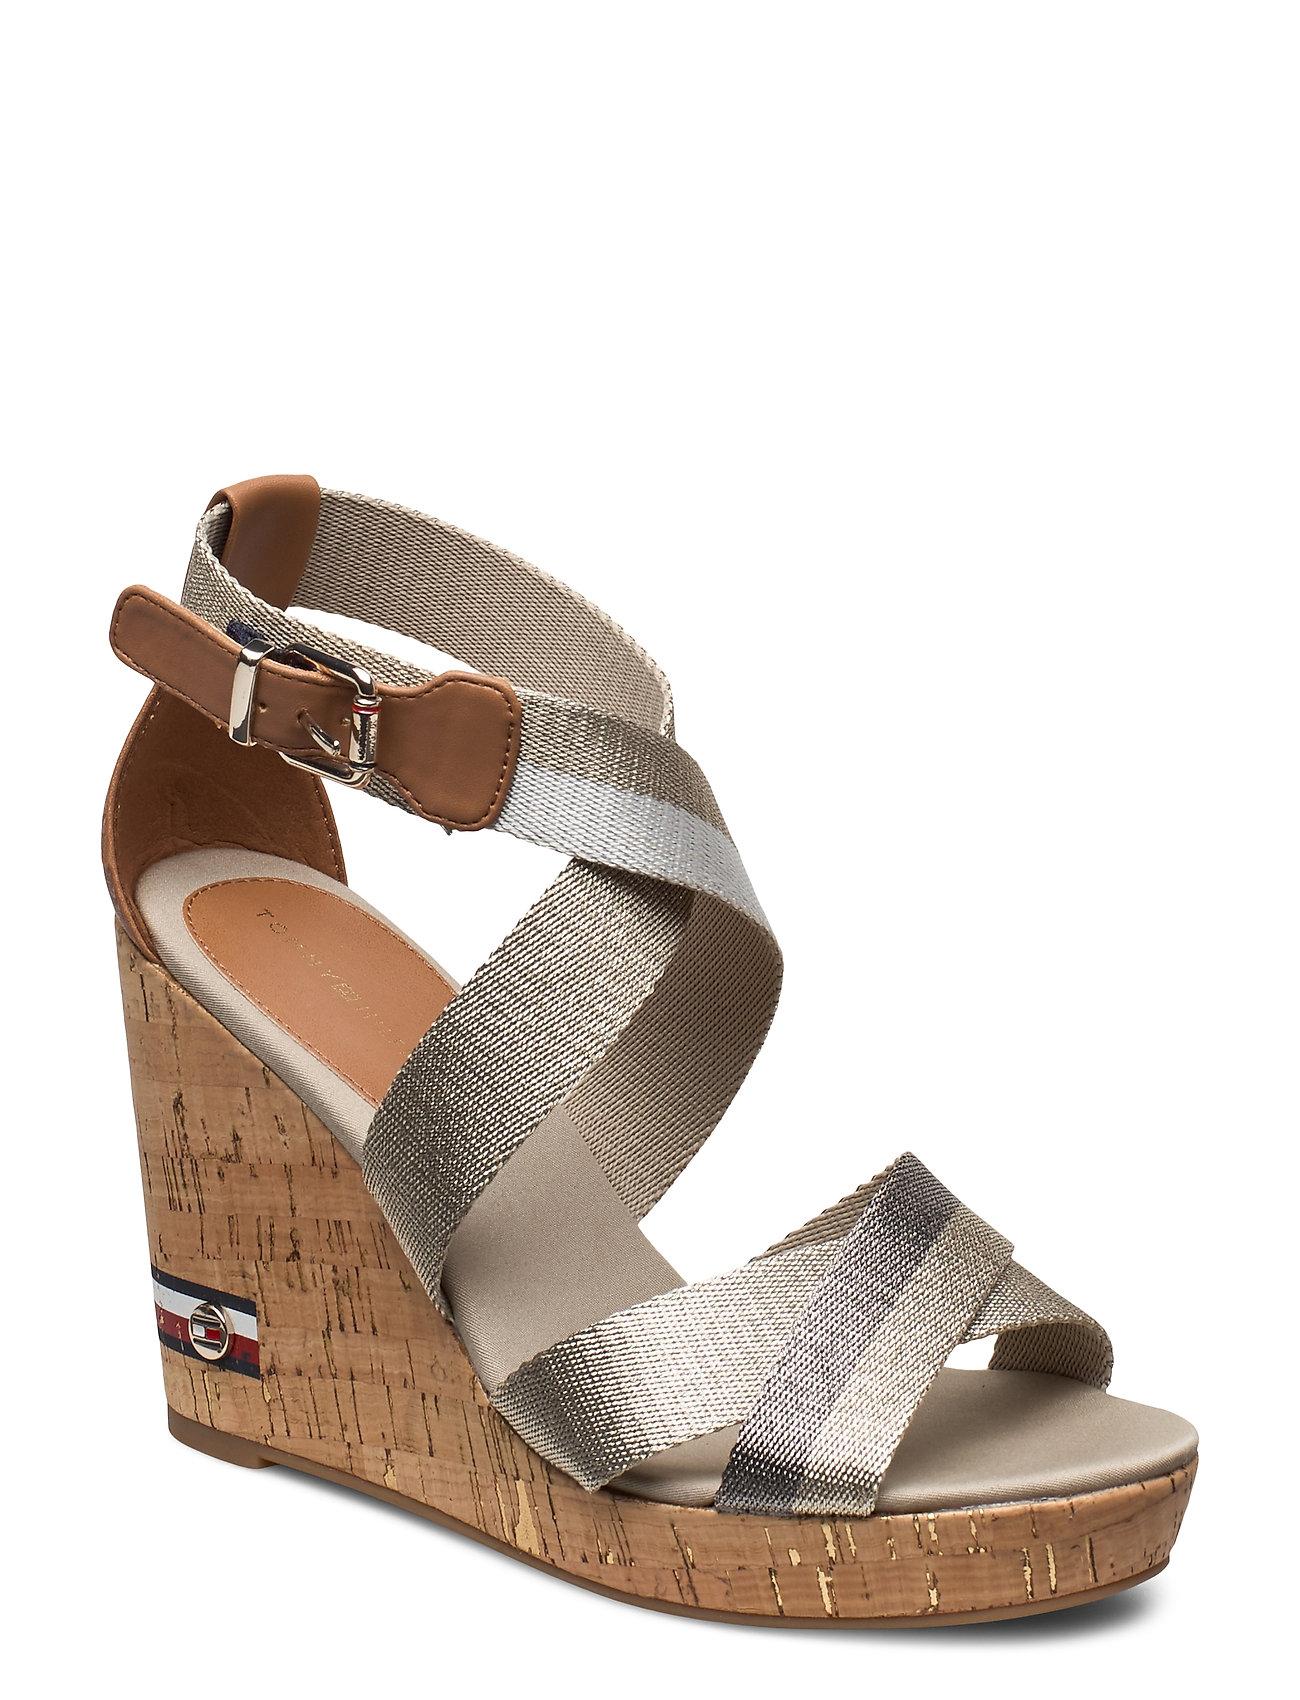 Image of Corporate Th High Wedge Sandal Sandal Med Hæl Sølv Tommy Hilfiger (3429250207)